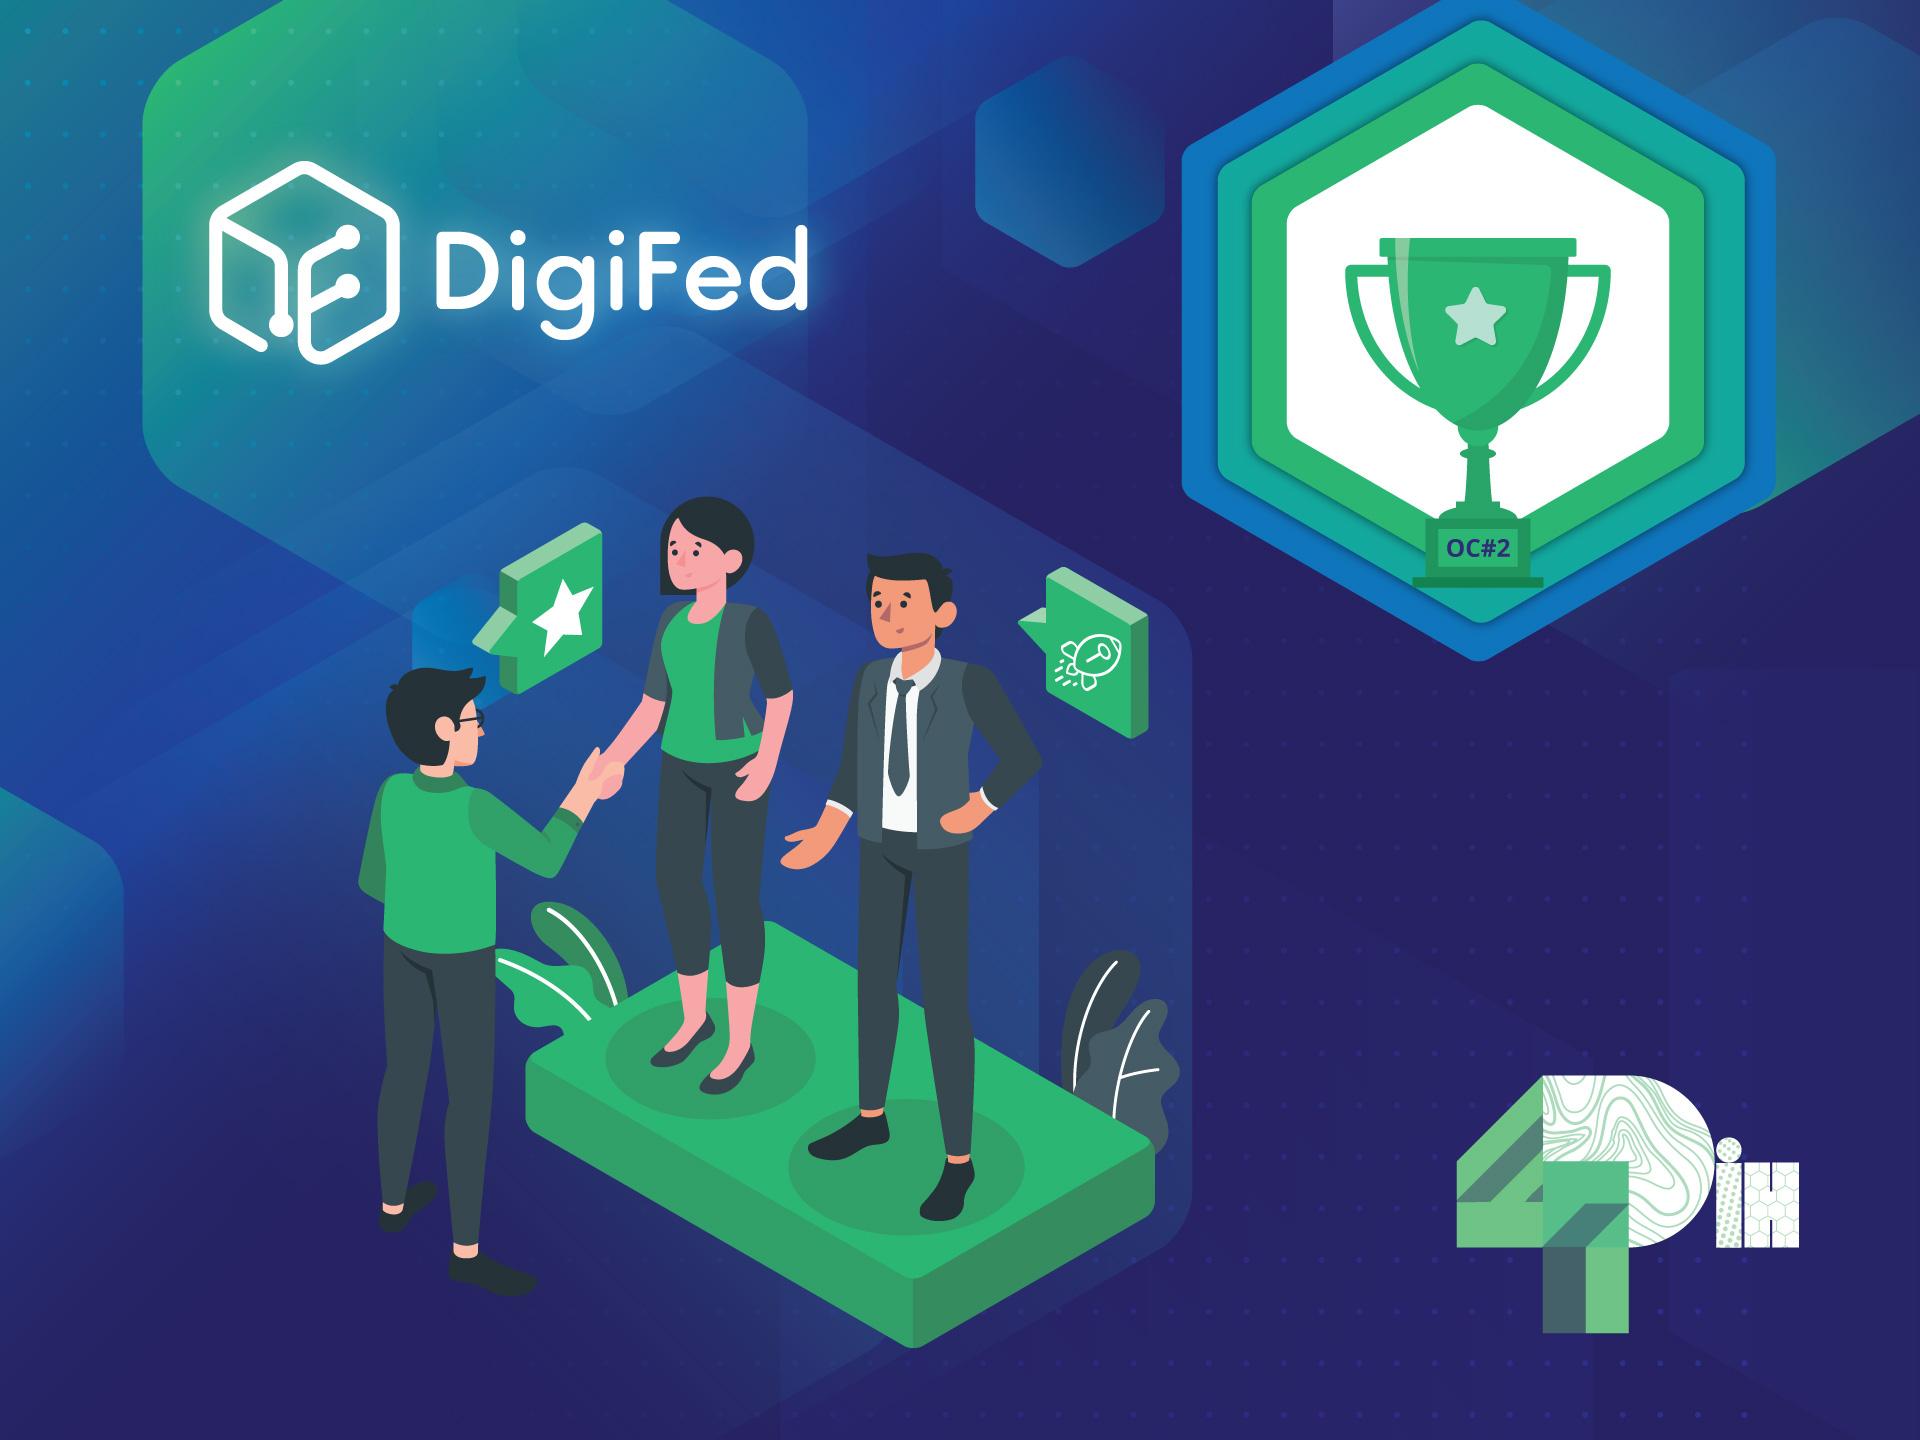 Slovenska podjetja uspešna na razpisu DigiFed!